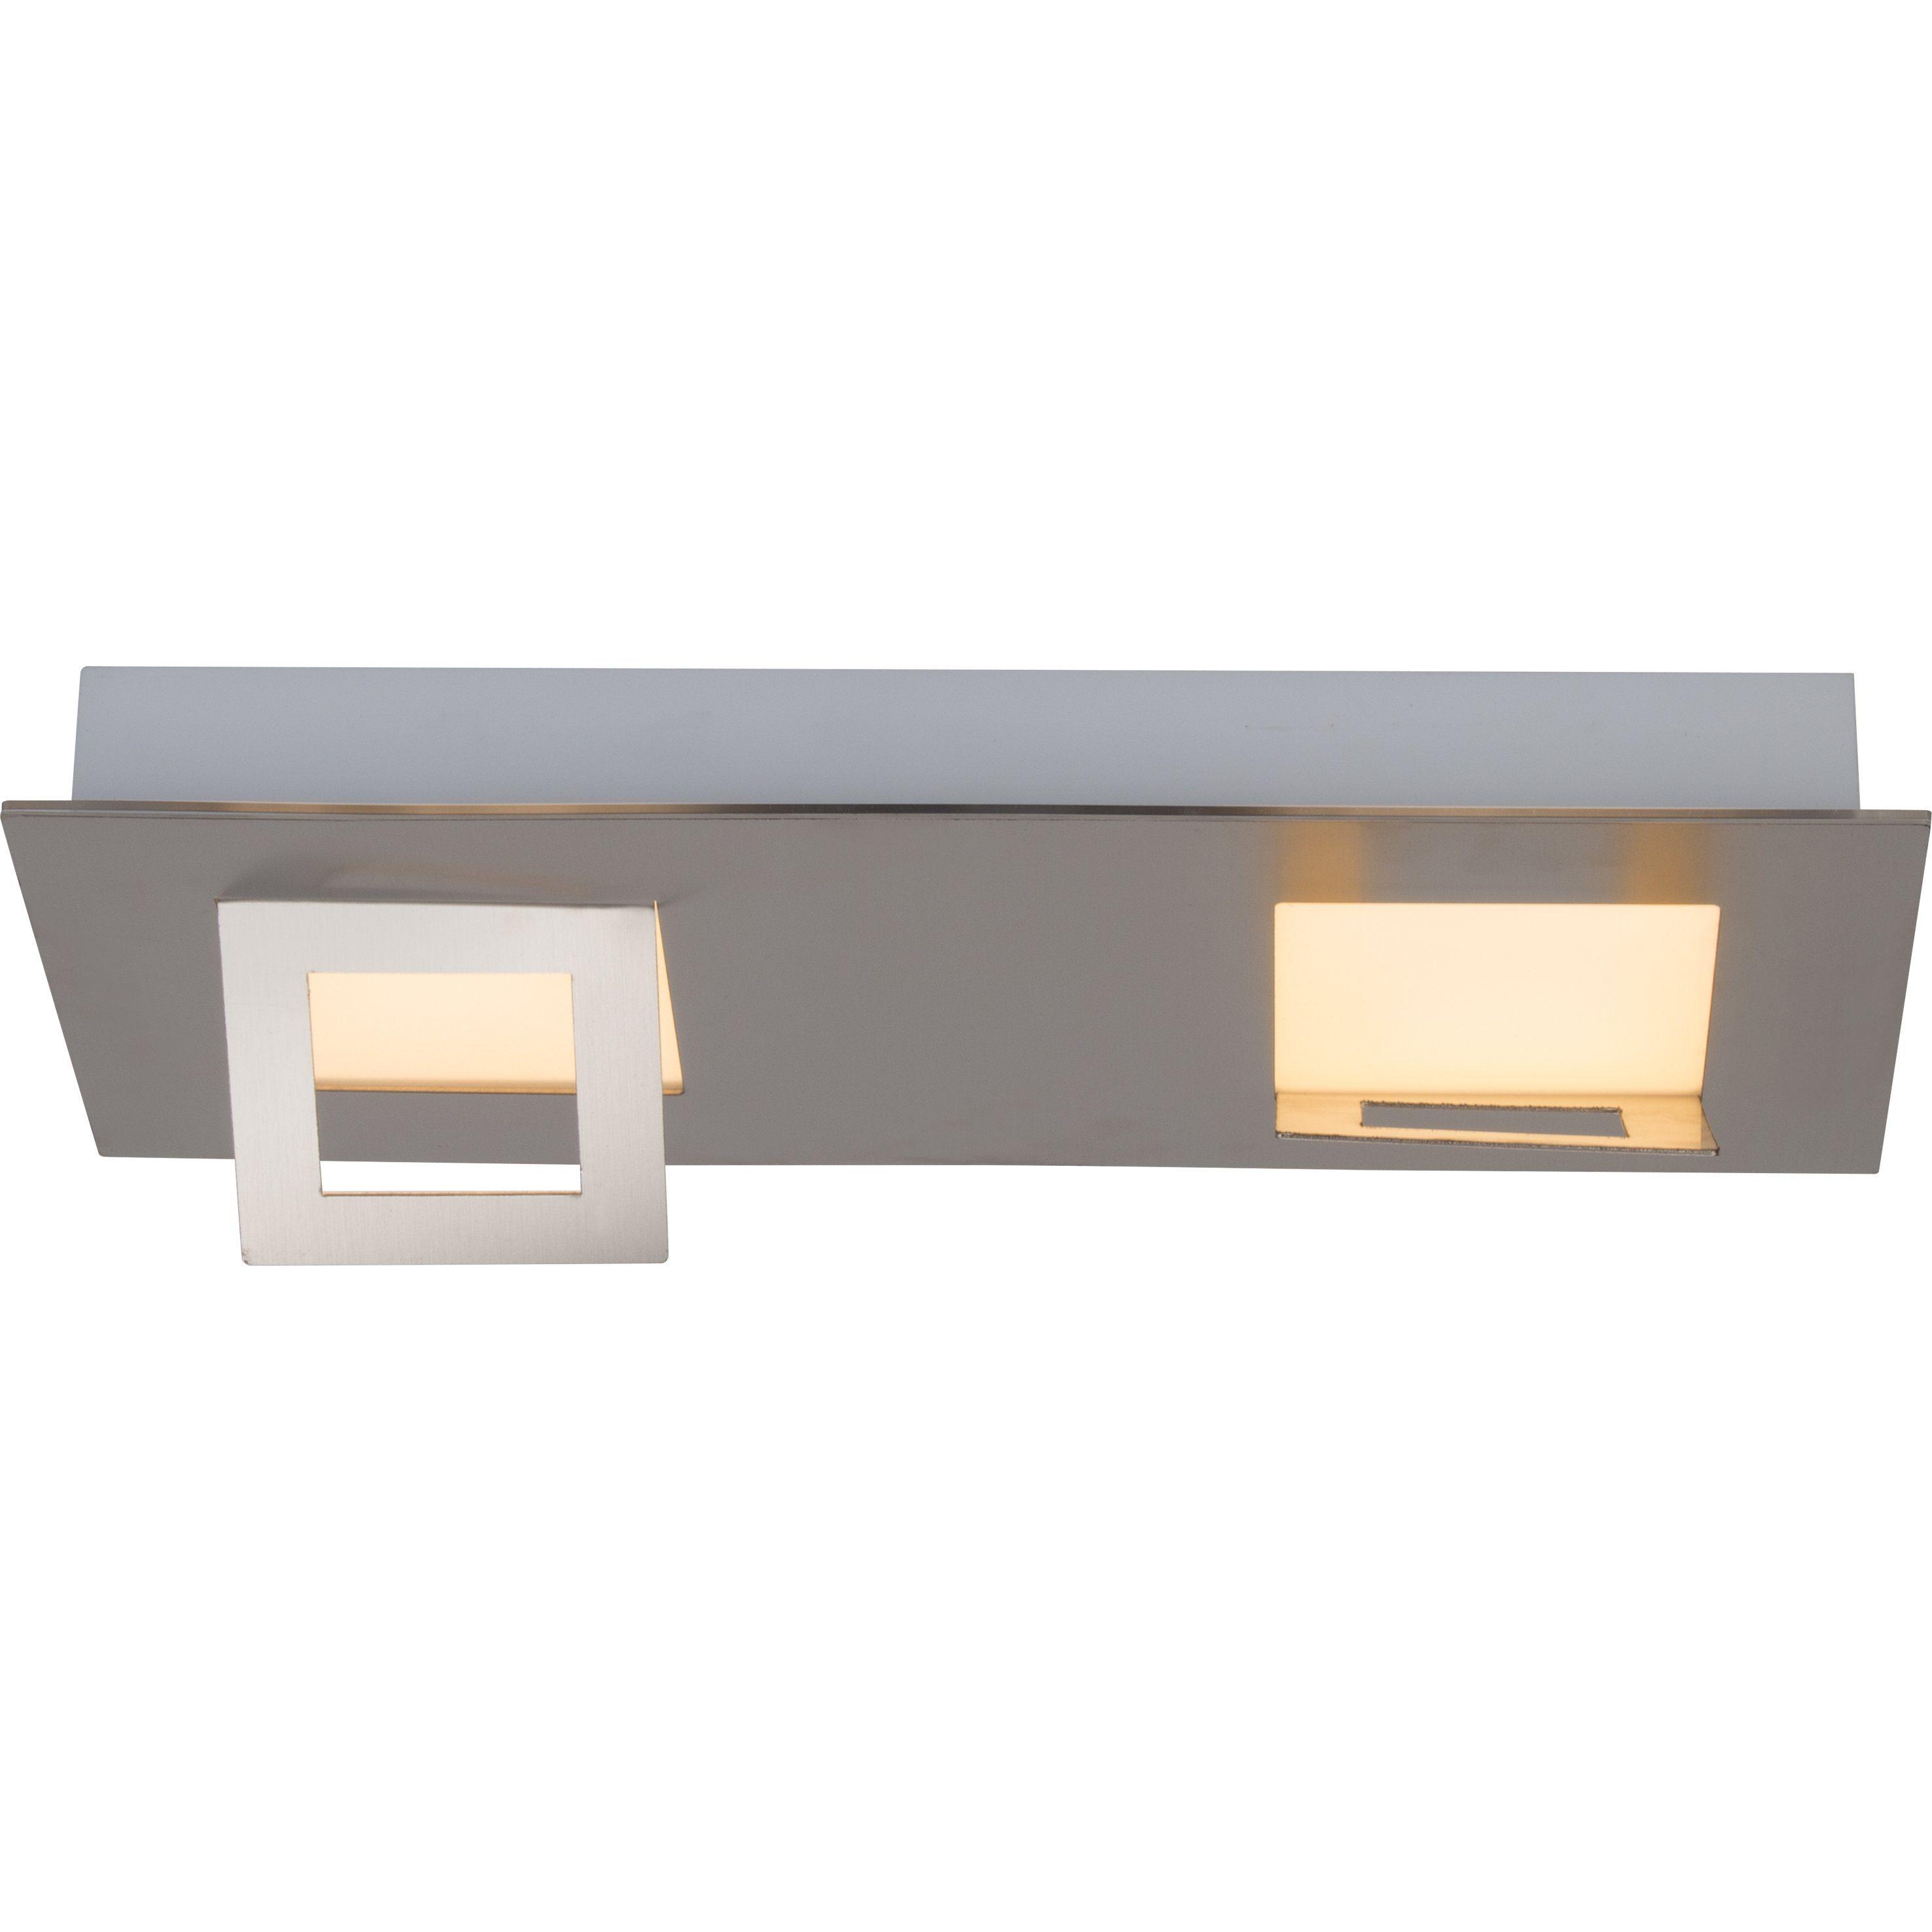 Brilliant Leuchten Doors LED Wand- und Deckenleuchte, 2-flammig eisen